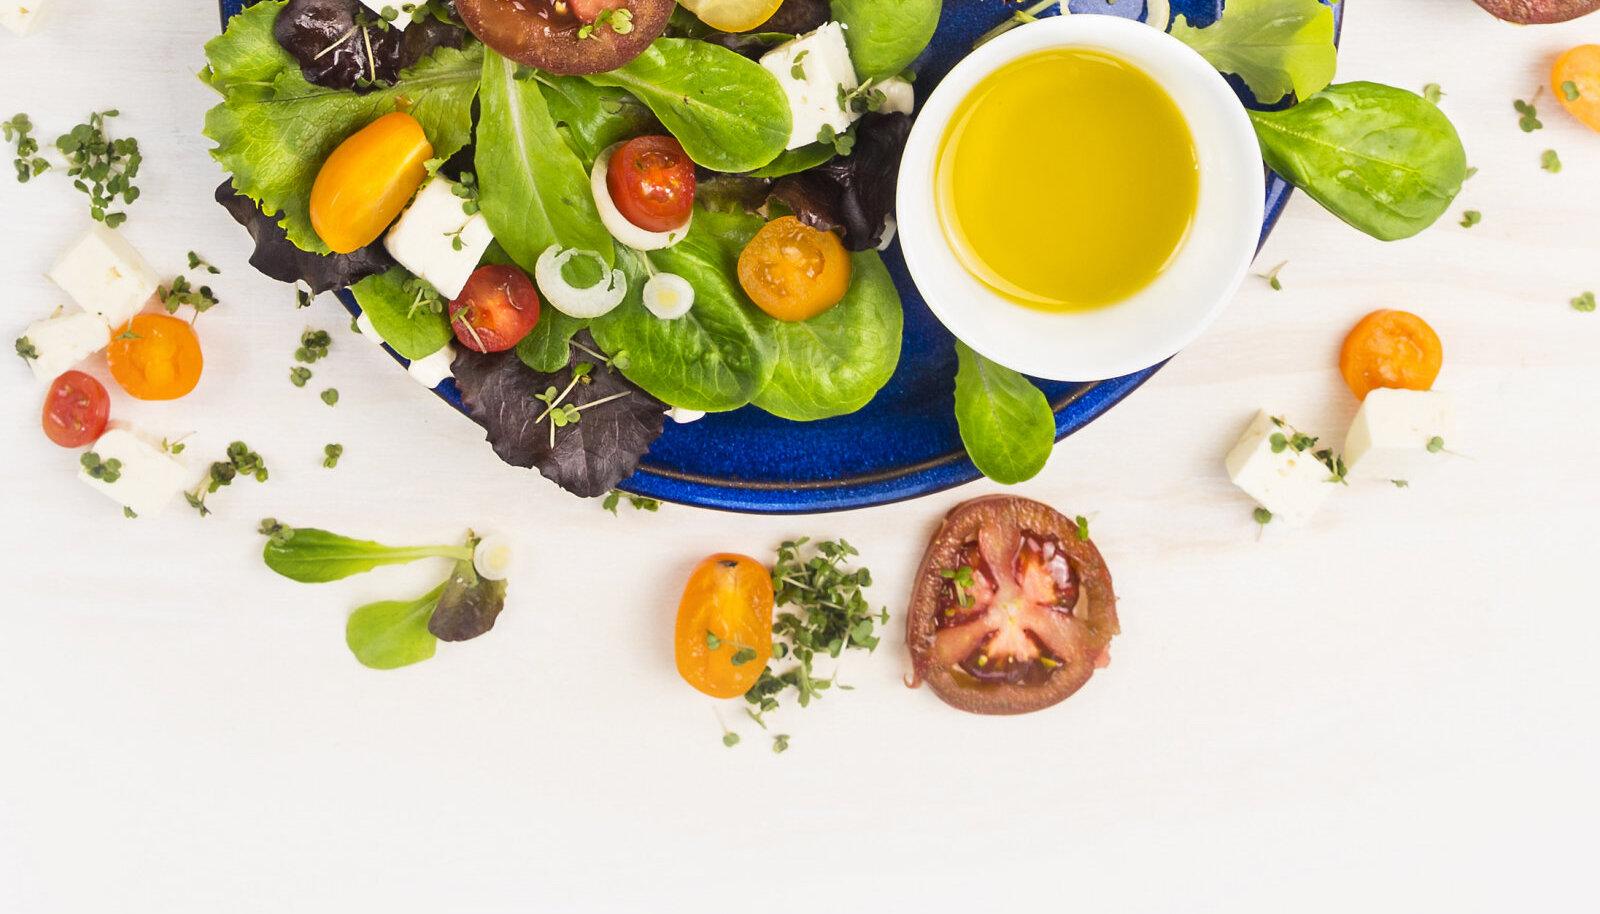 toit, mis muudab teie keha rasva Kaalulangus 1 nadal ei toitu